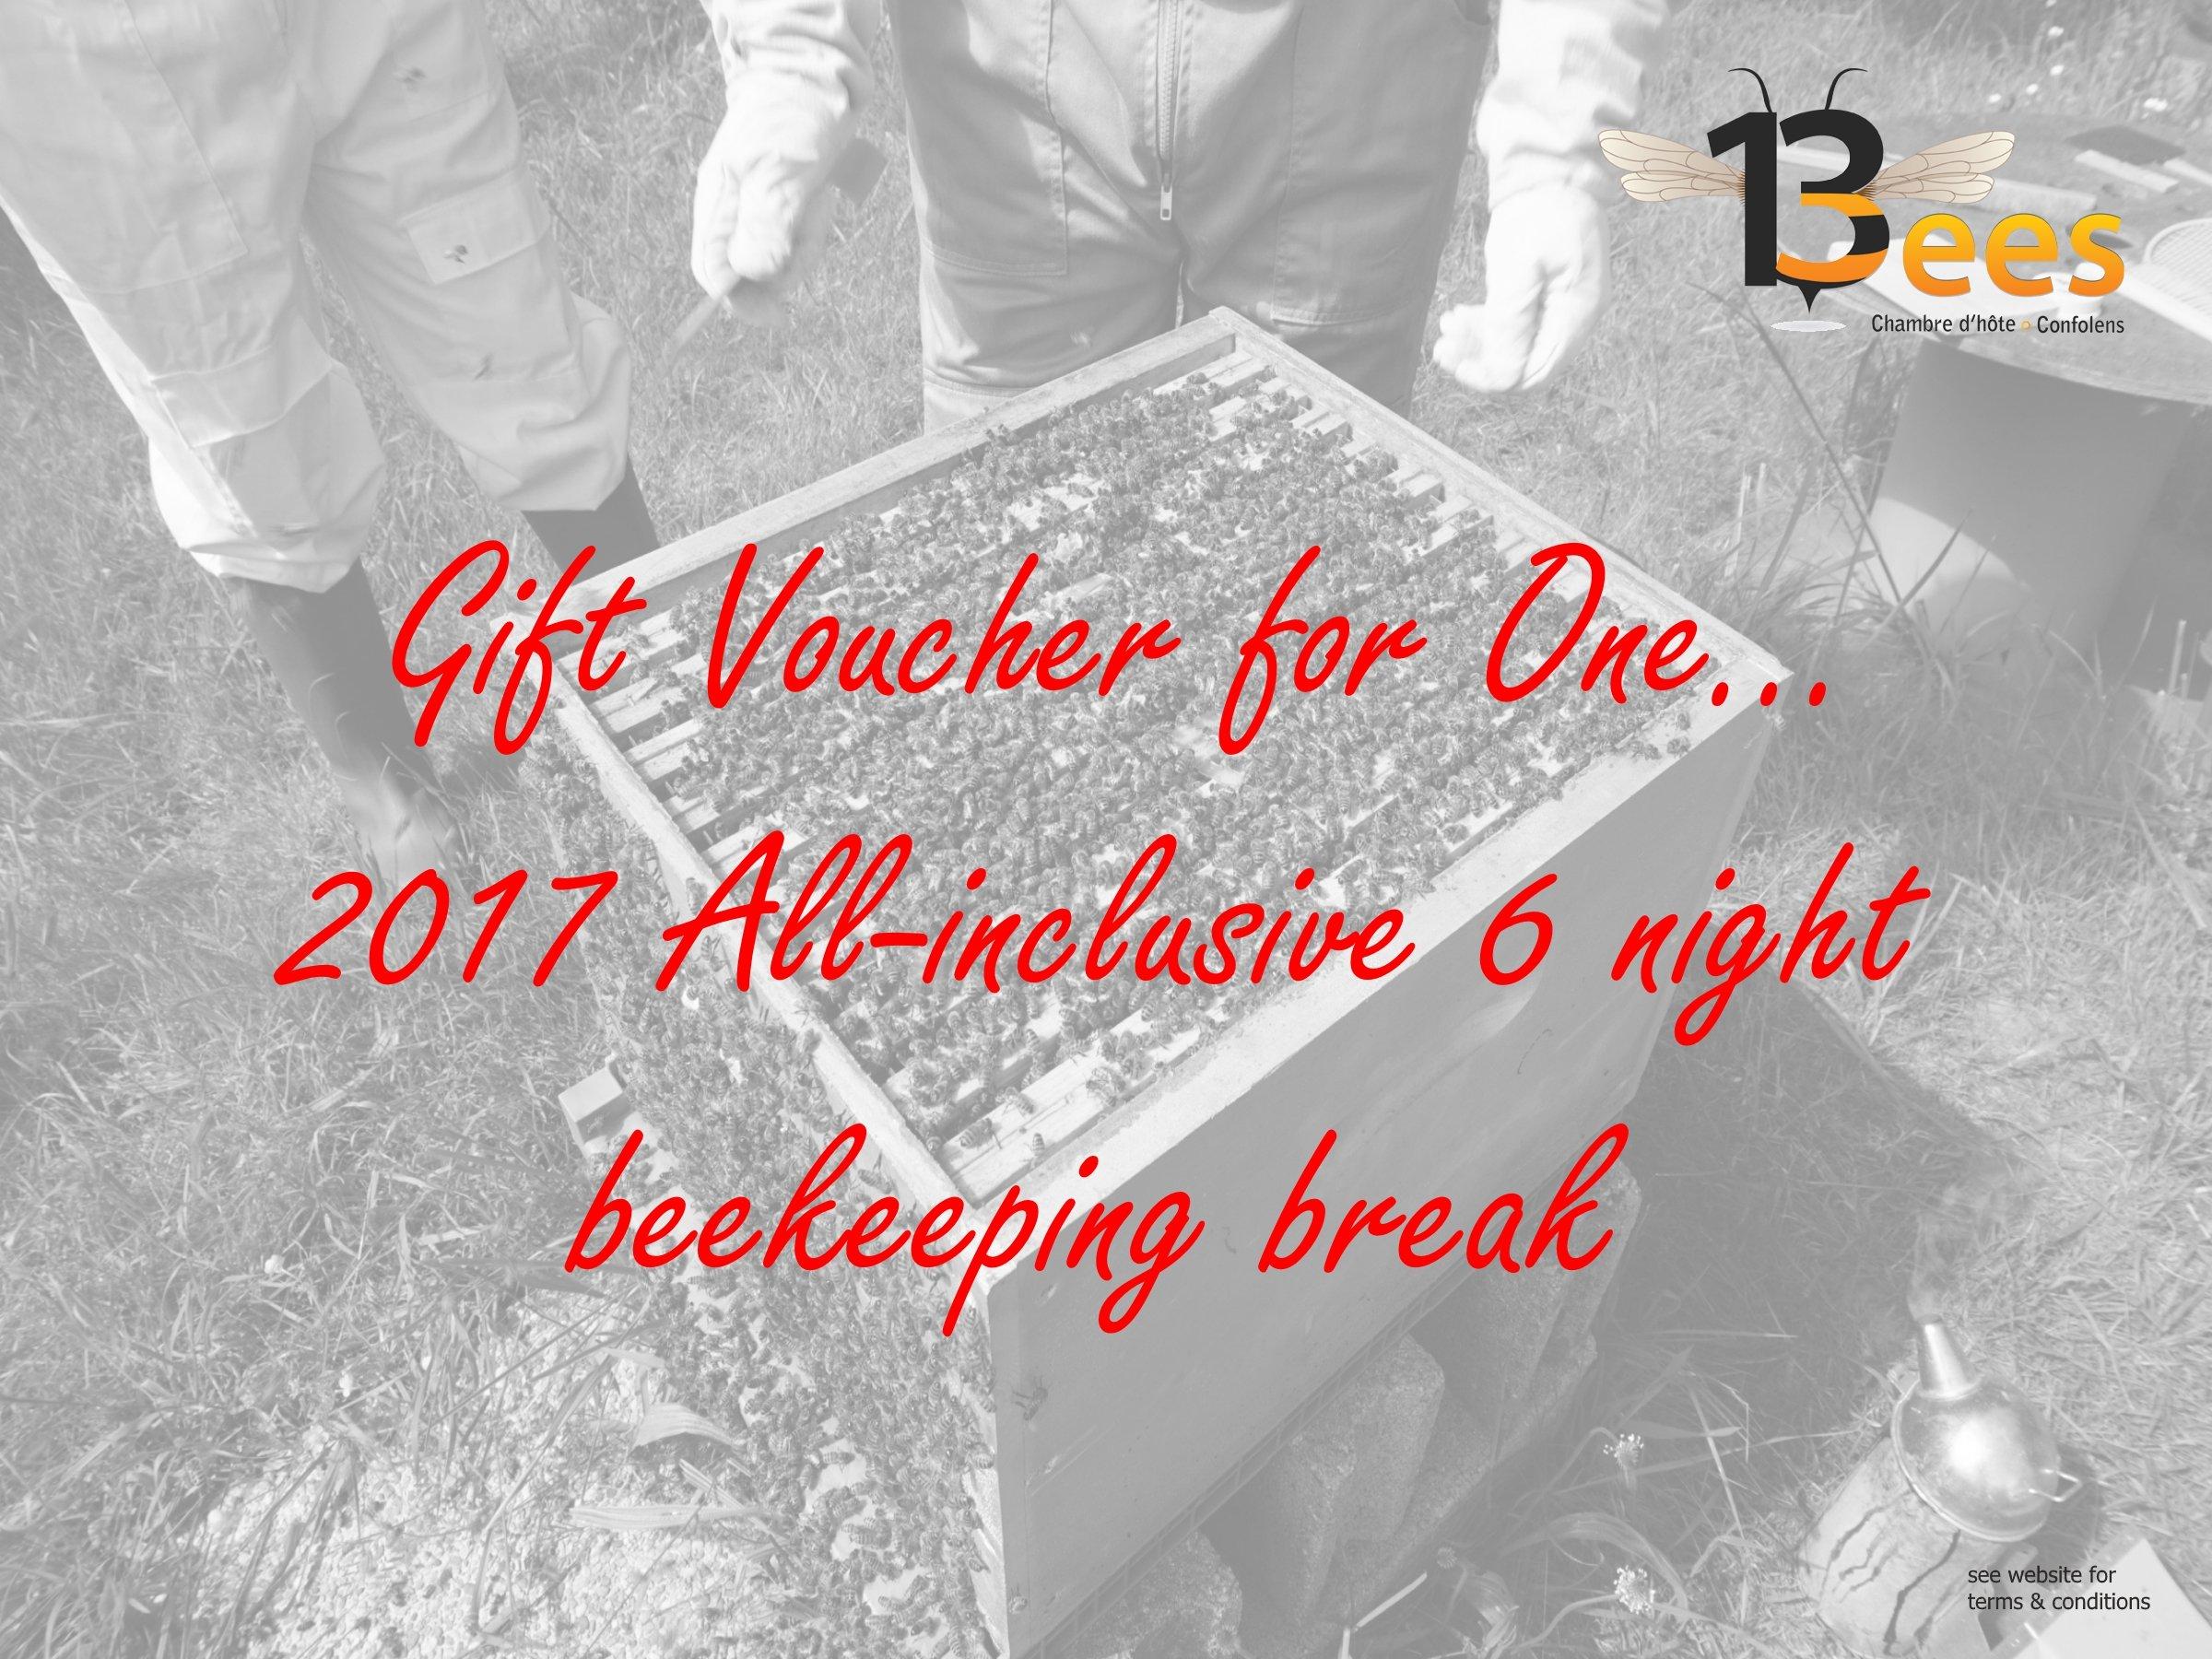 6-night beekeeping break Christmas voucher